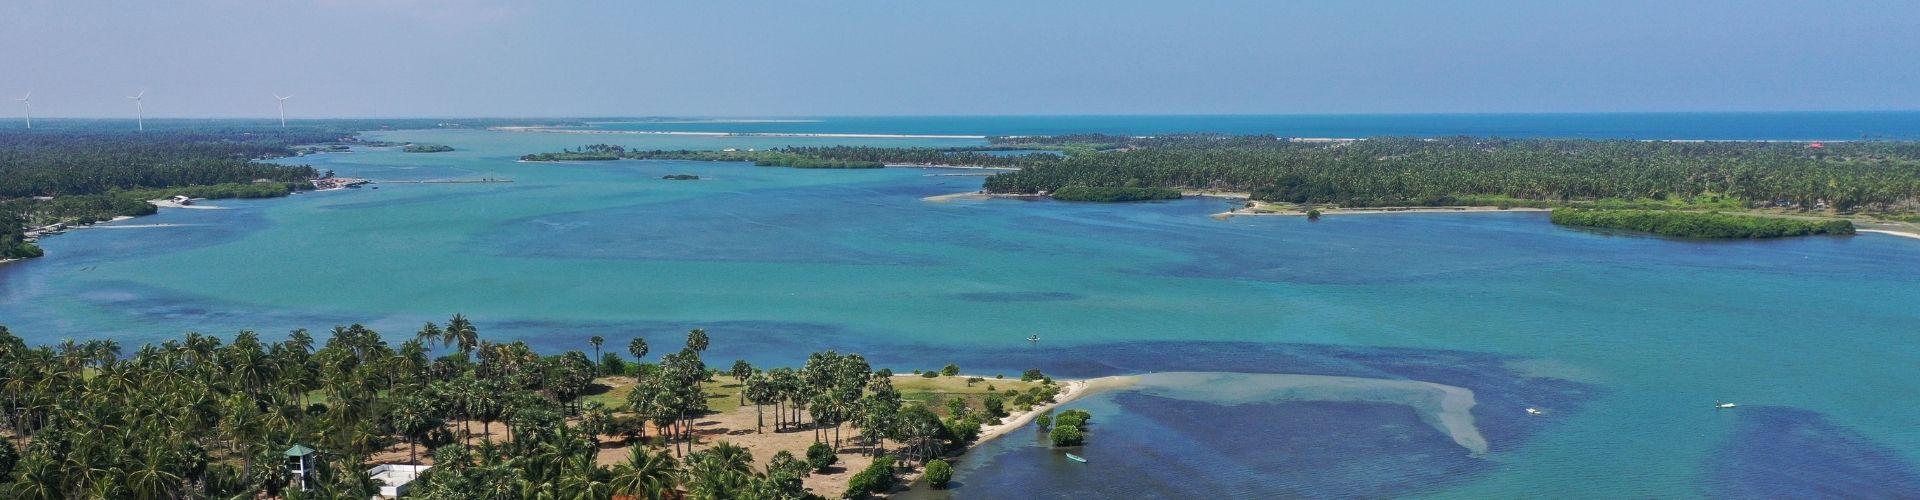 Grant Winner - The Rascals Kite Resort Pvt Ltd